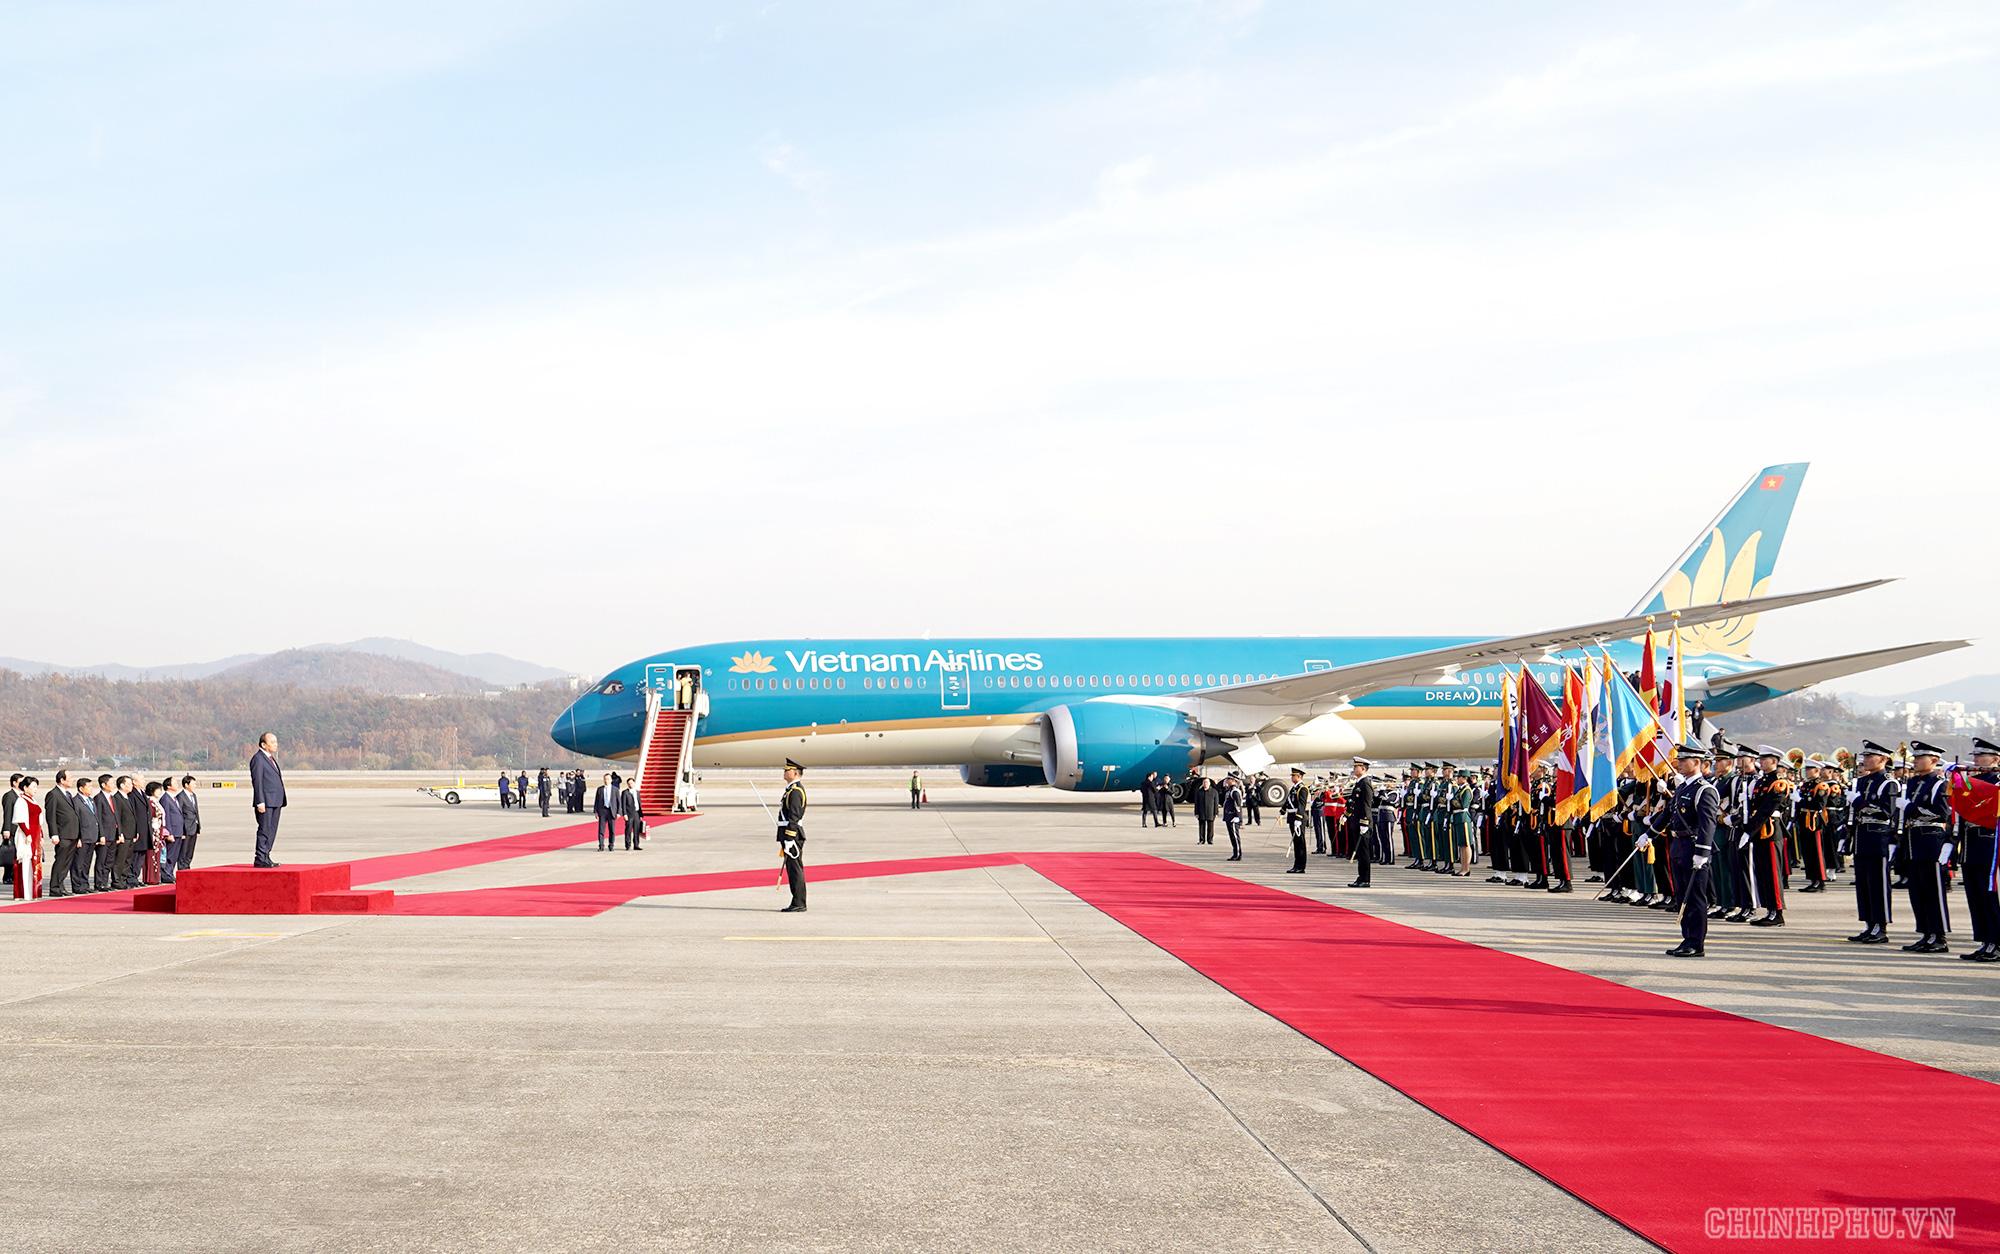 Lễ đón chính thức Thủ tướng Nguyễn Xuân Phúc tại Thủ đô Seoul, Hàn Quốc - Ảnh 3.